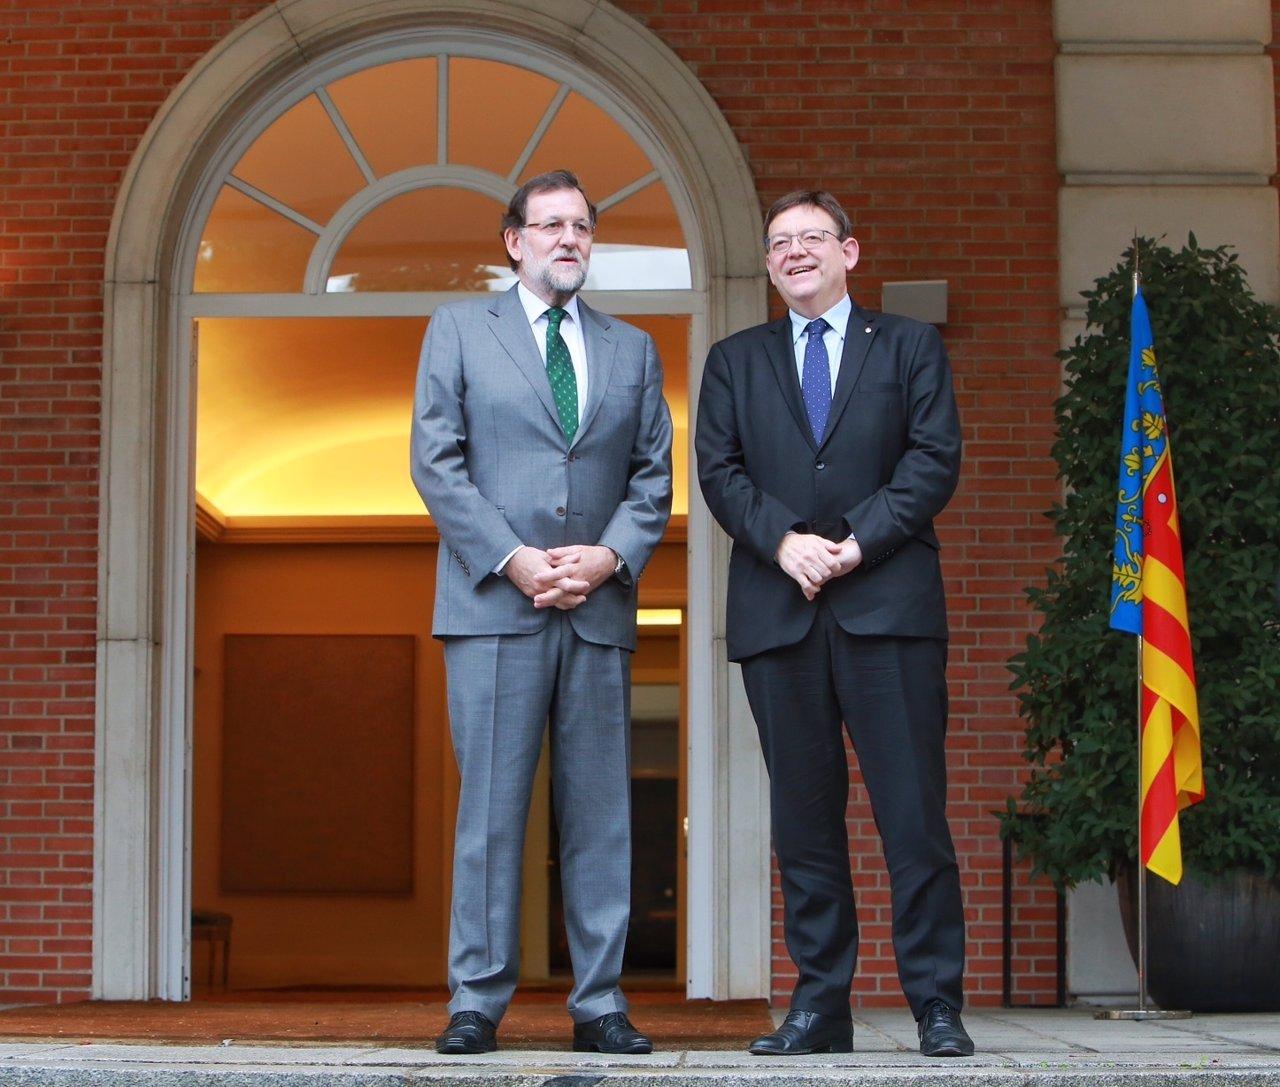 Reunión de Rajoy y Puig en La Moncloa